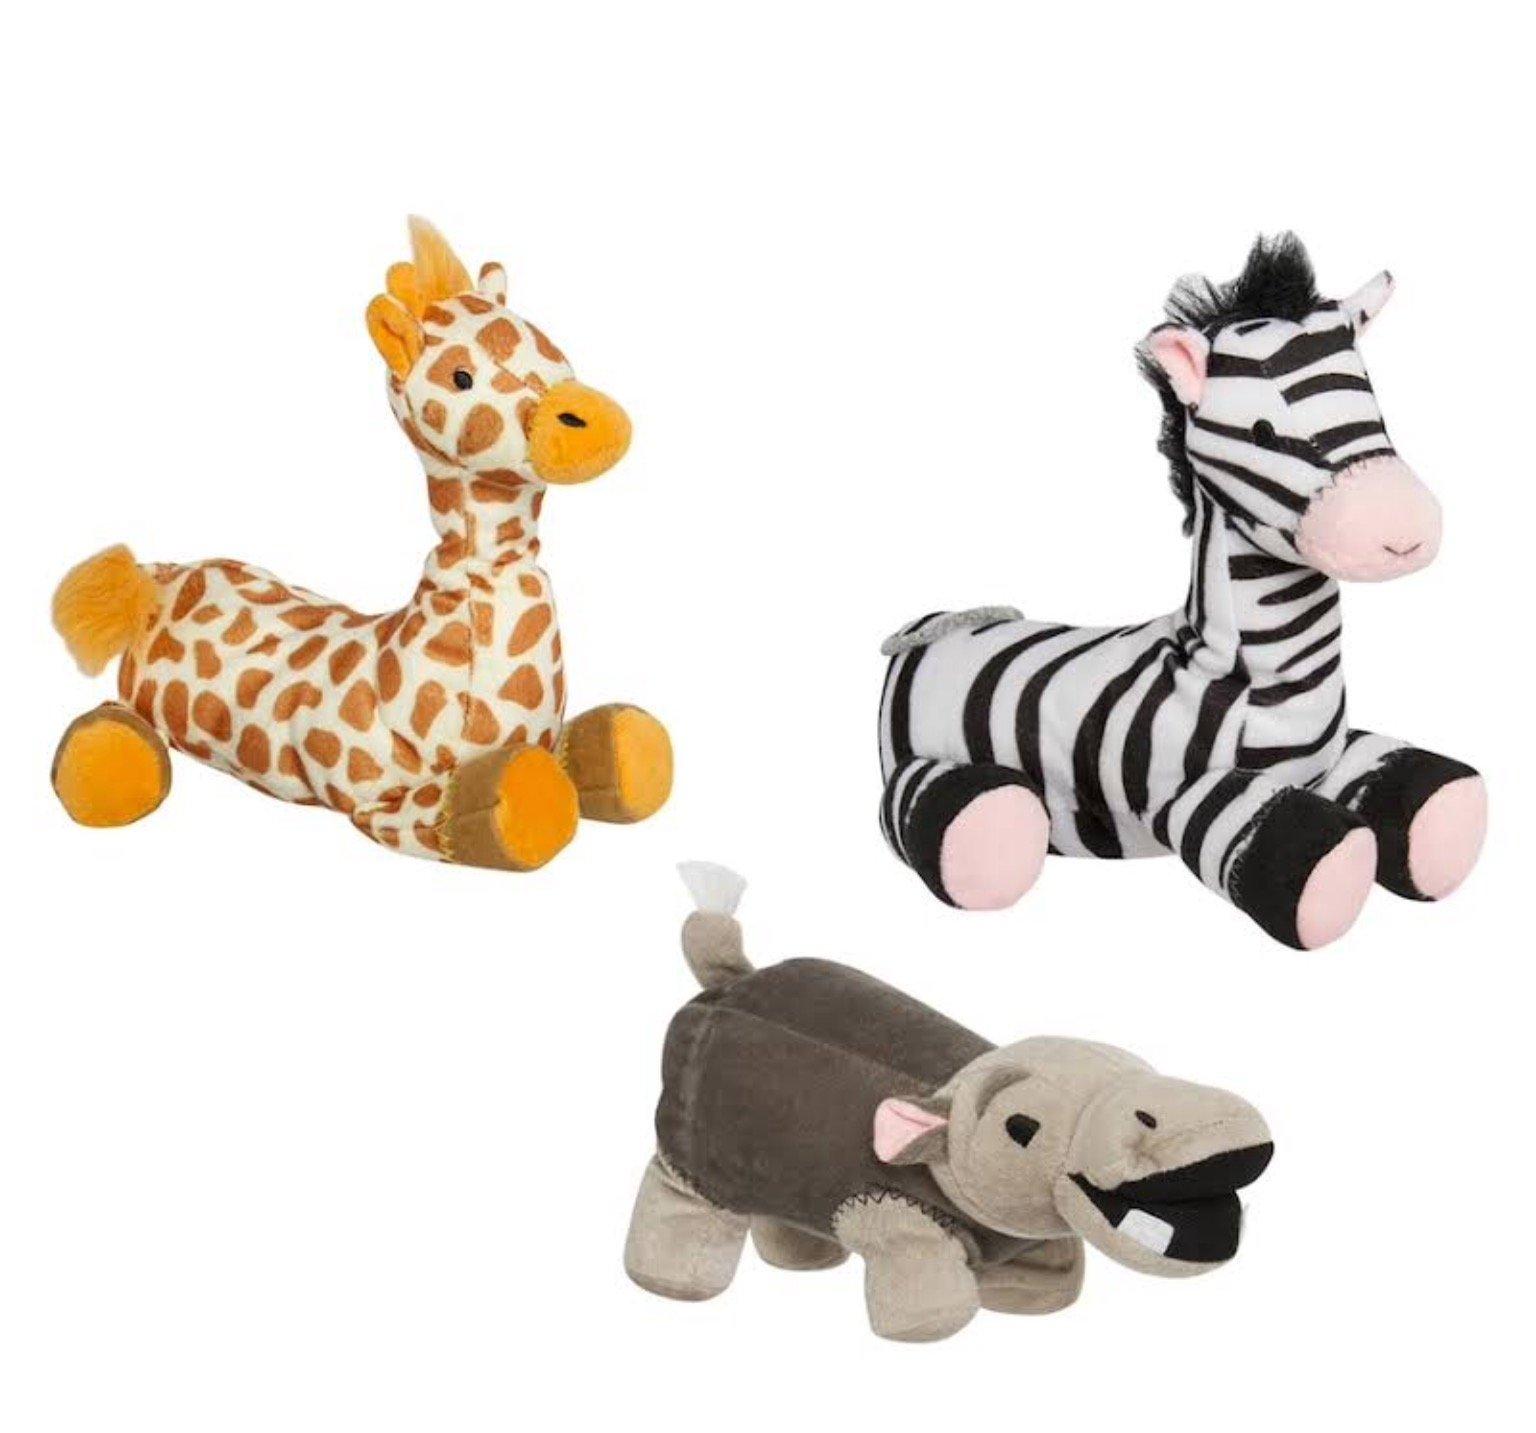 Animal Planet Safari 3-pc. Plush Pet Toy Set by Animal Planet (Image #1)